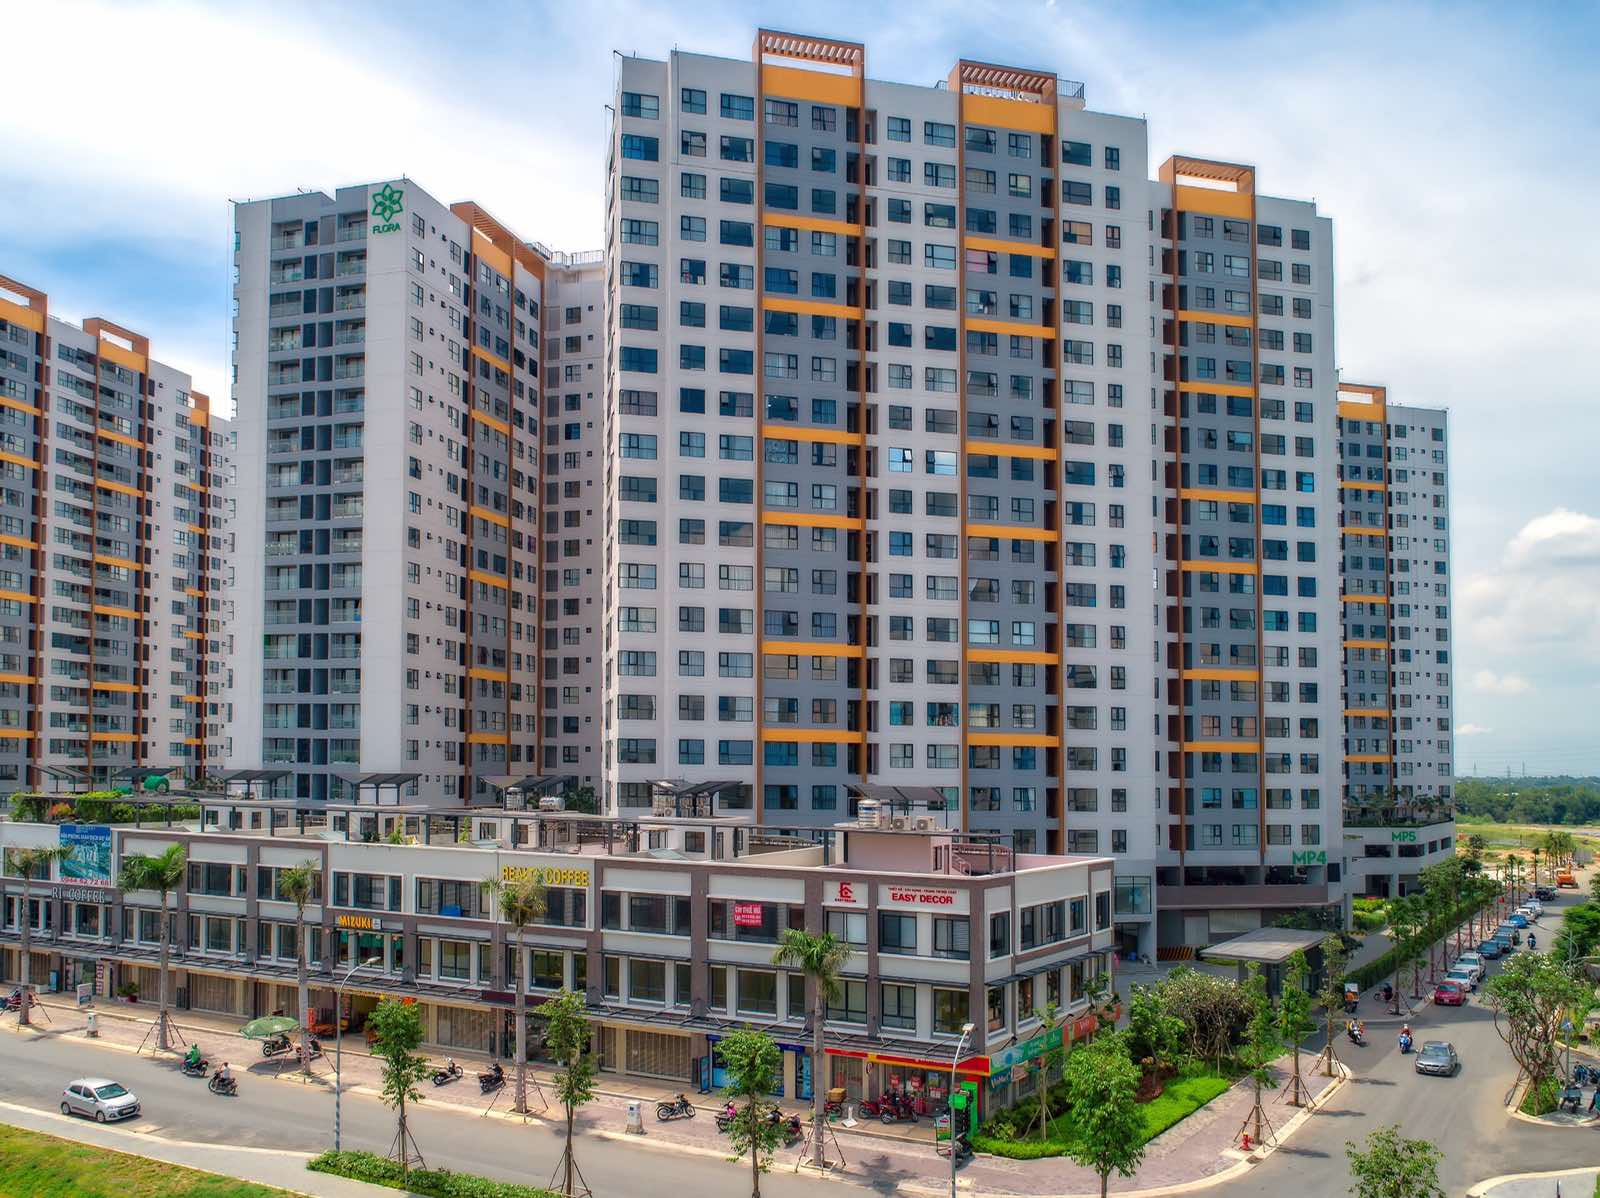 Hình ảnh mới khu đô thị Mizuki Park sau 10 tháng bàn giao căn hộ 11